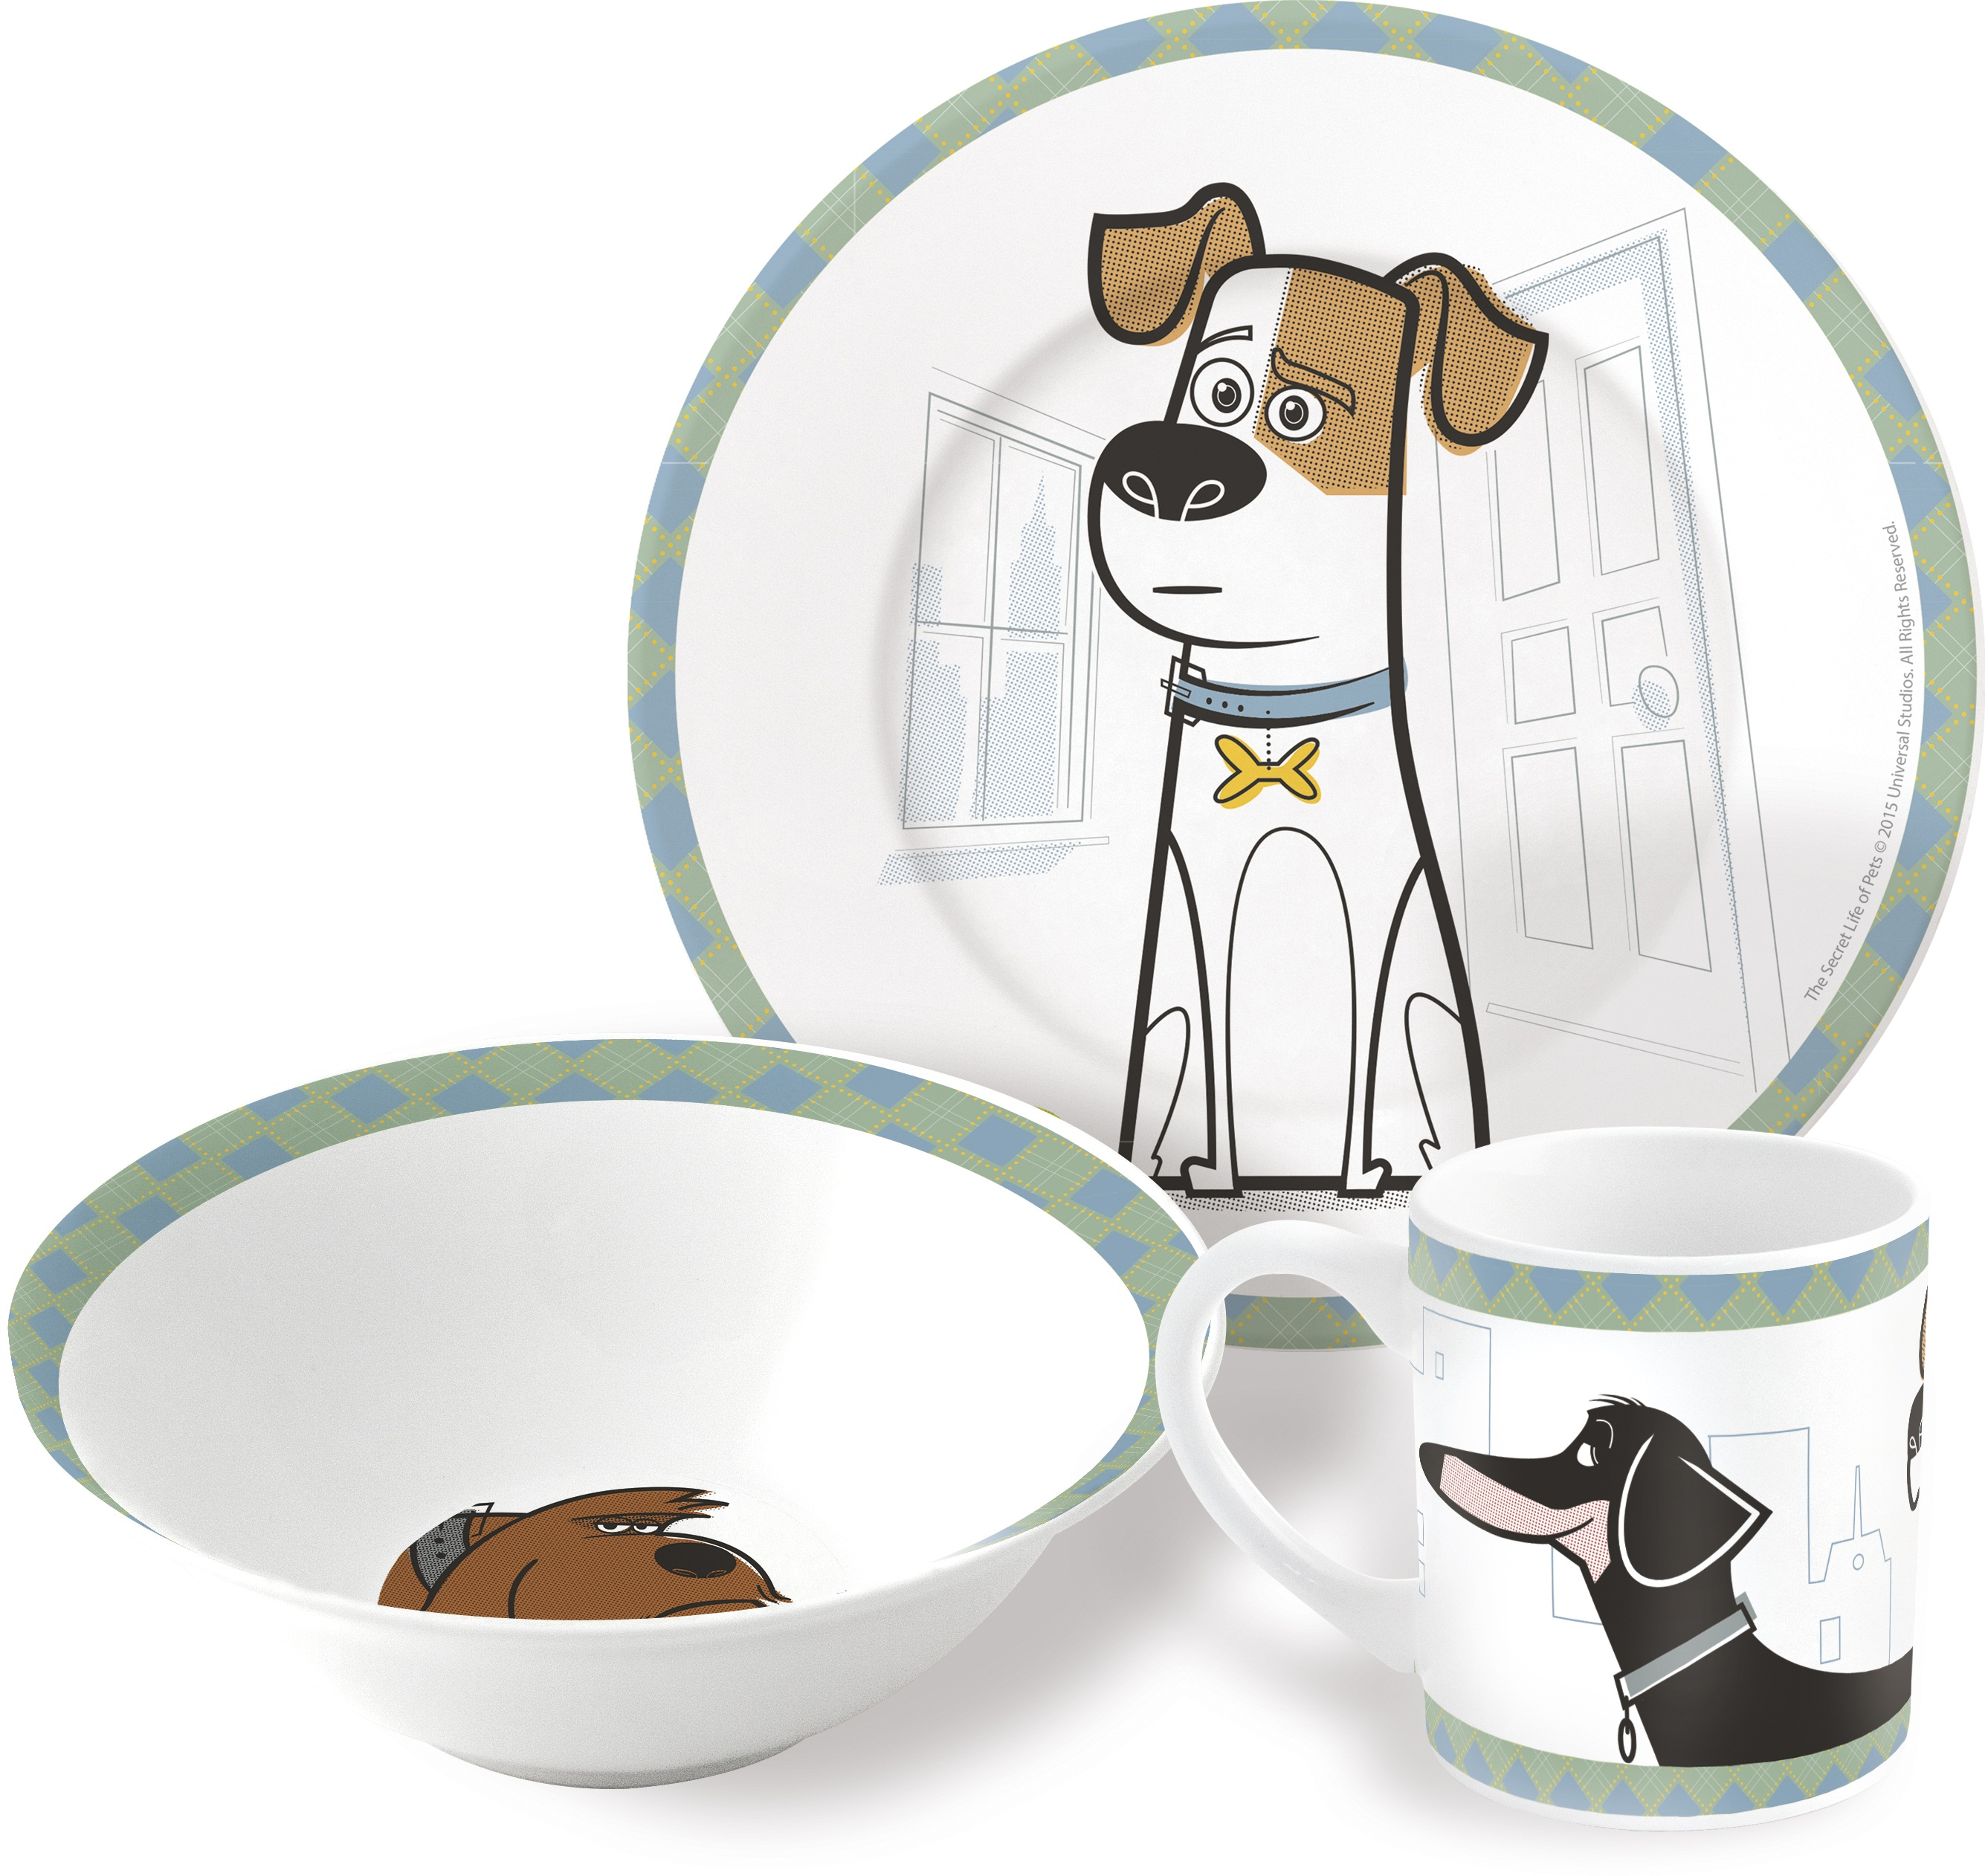 Набор посуды Тайная жизнь домашних животныхНабор посуды Тайная жизнь домашних животных создан по мотивам популярной американской анимационной комедии, рассказывающей о жизни домашних питомцев.<br>